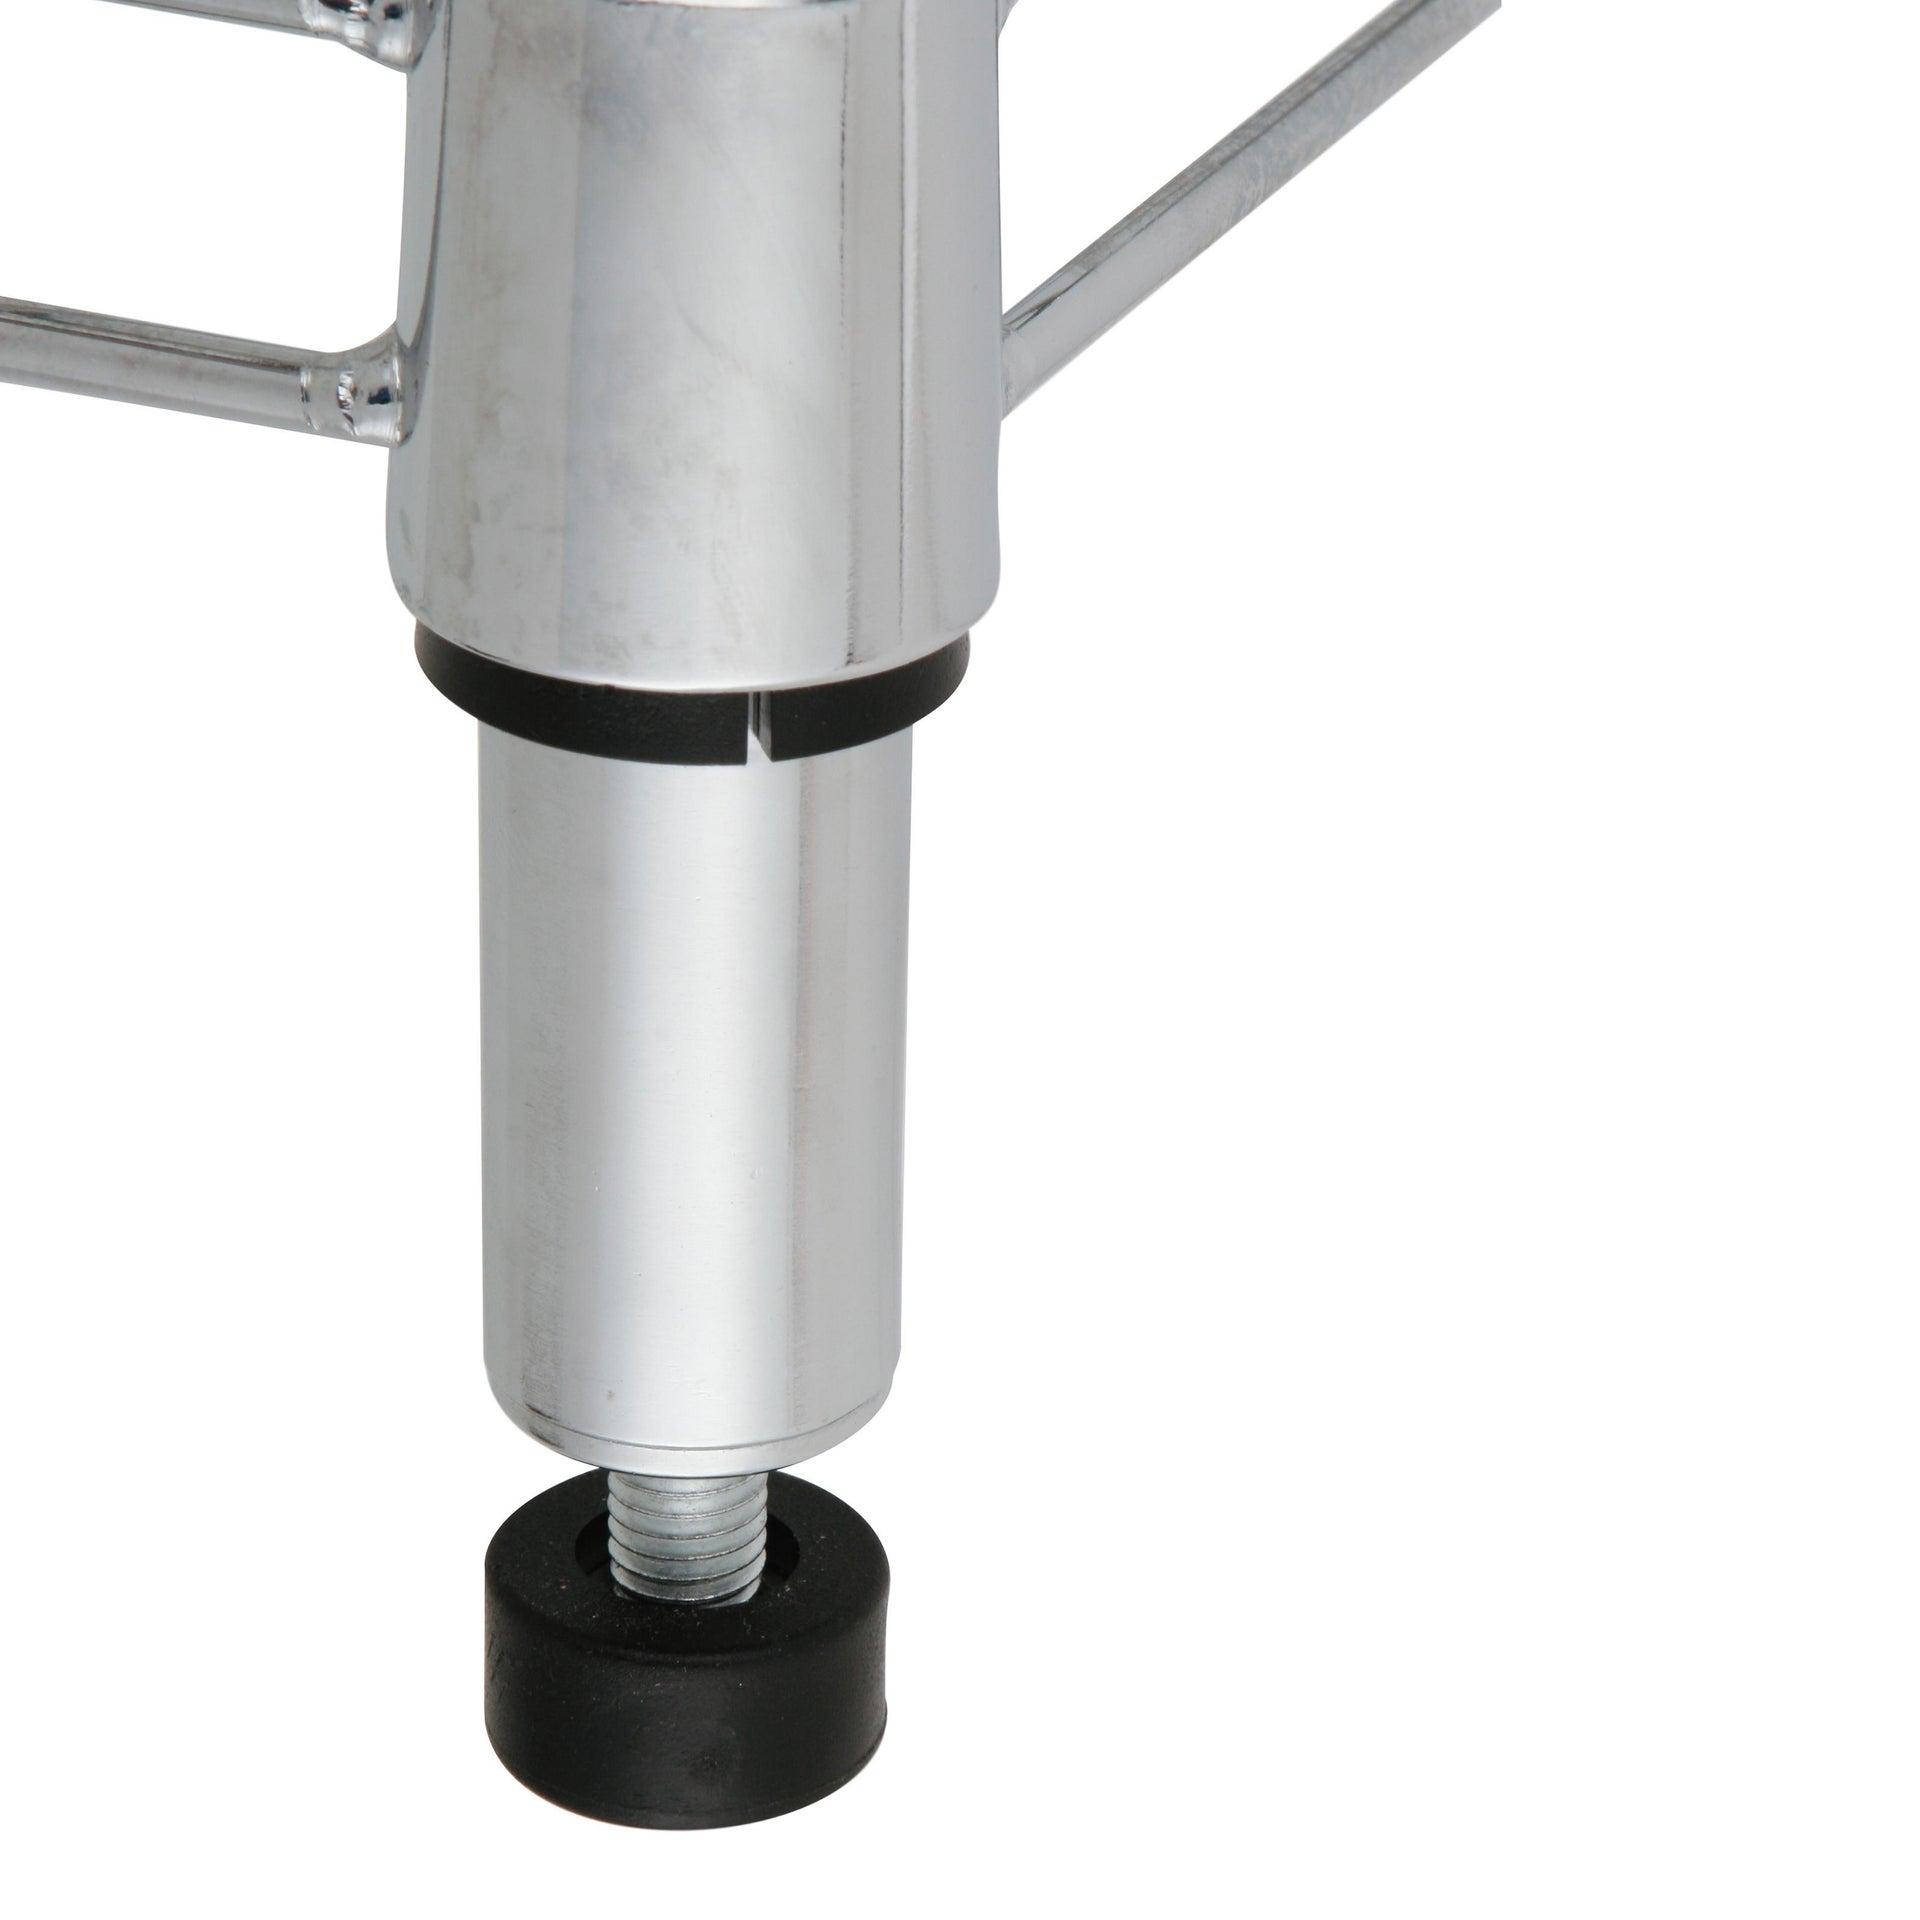 Scaffale in metallo Spaceo Chrome Style+ L 60 x P 35 x H 90 cm - 2